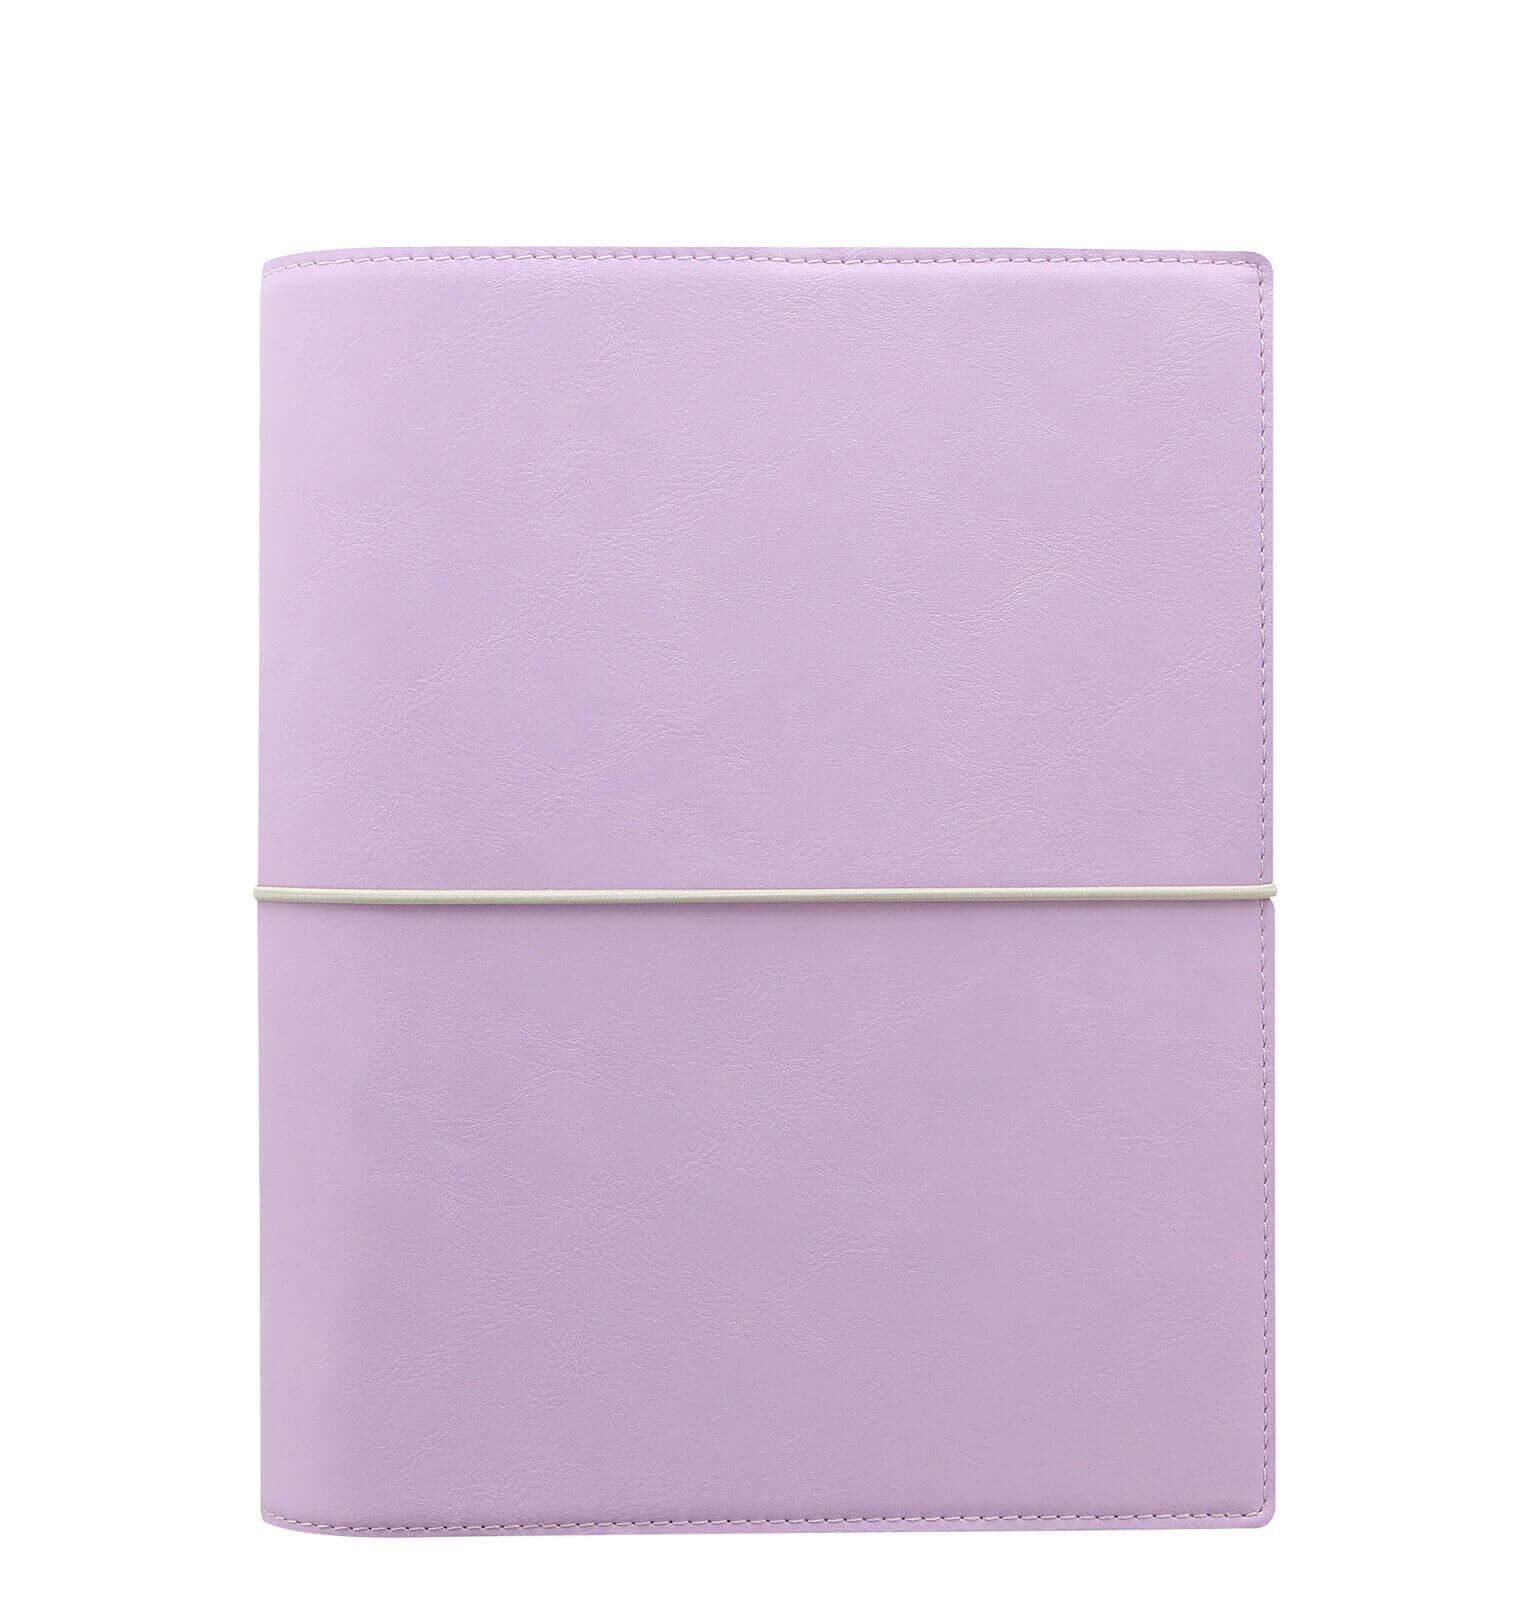 Filofax-organizer-Domino-Soft-A5-Orchid